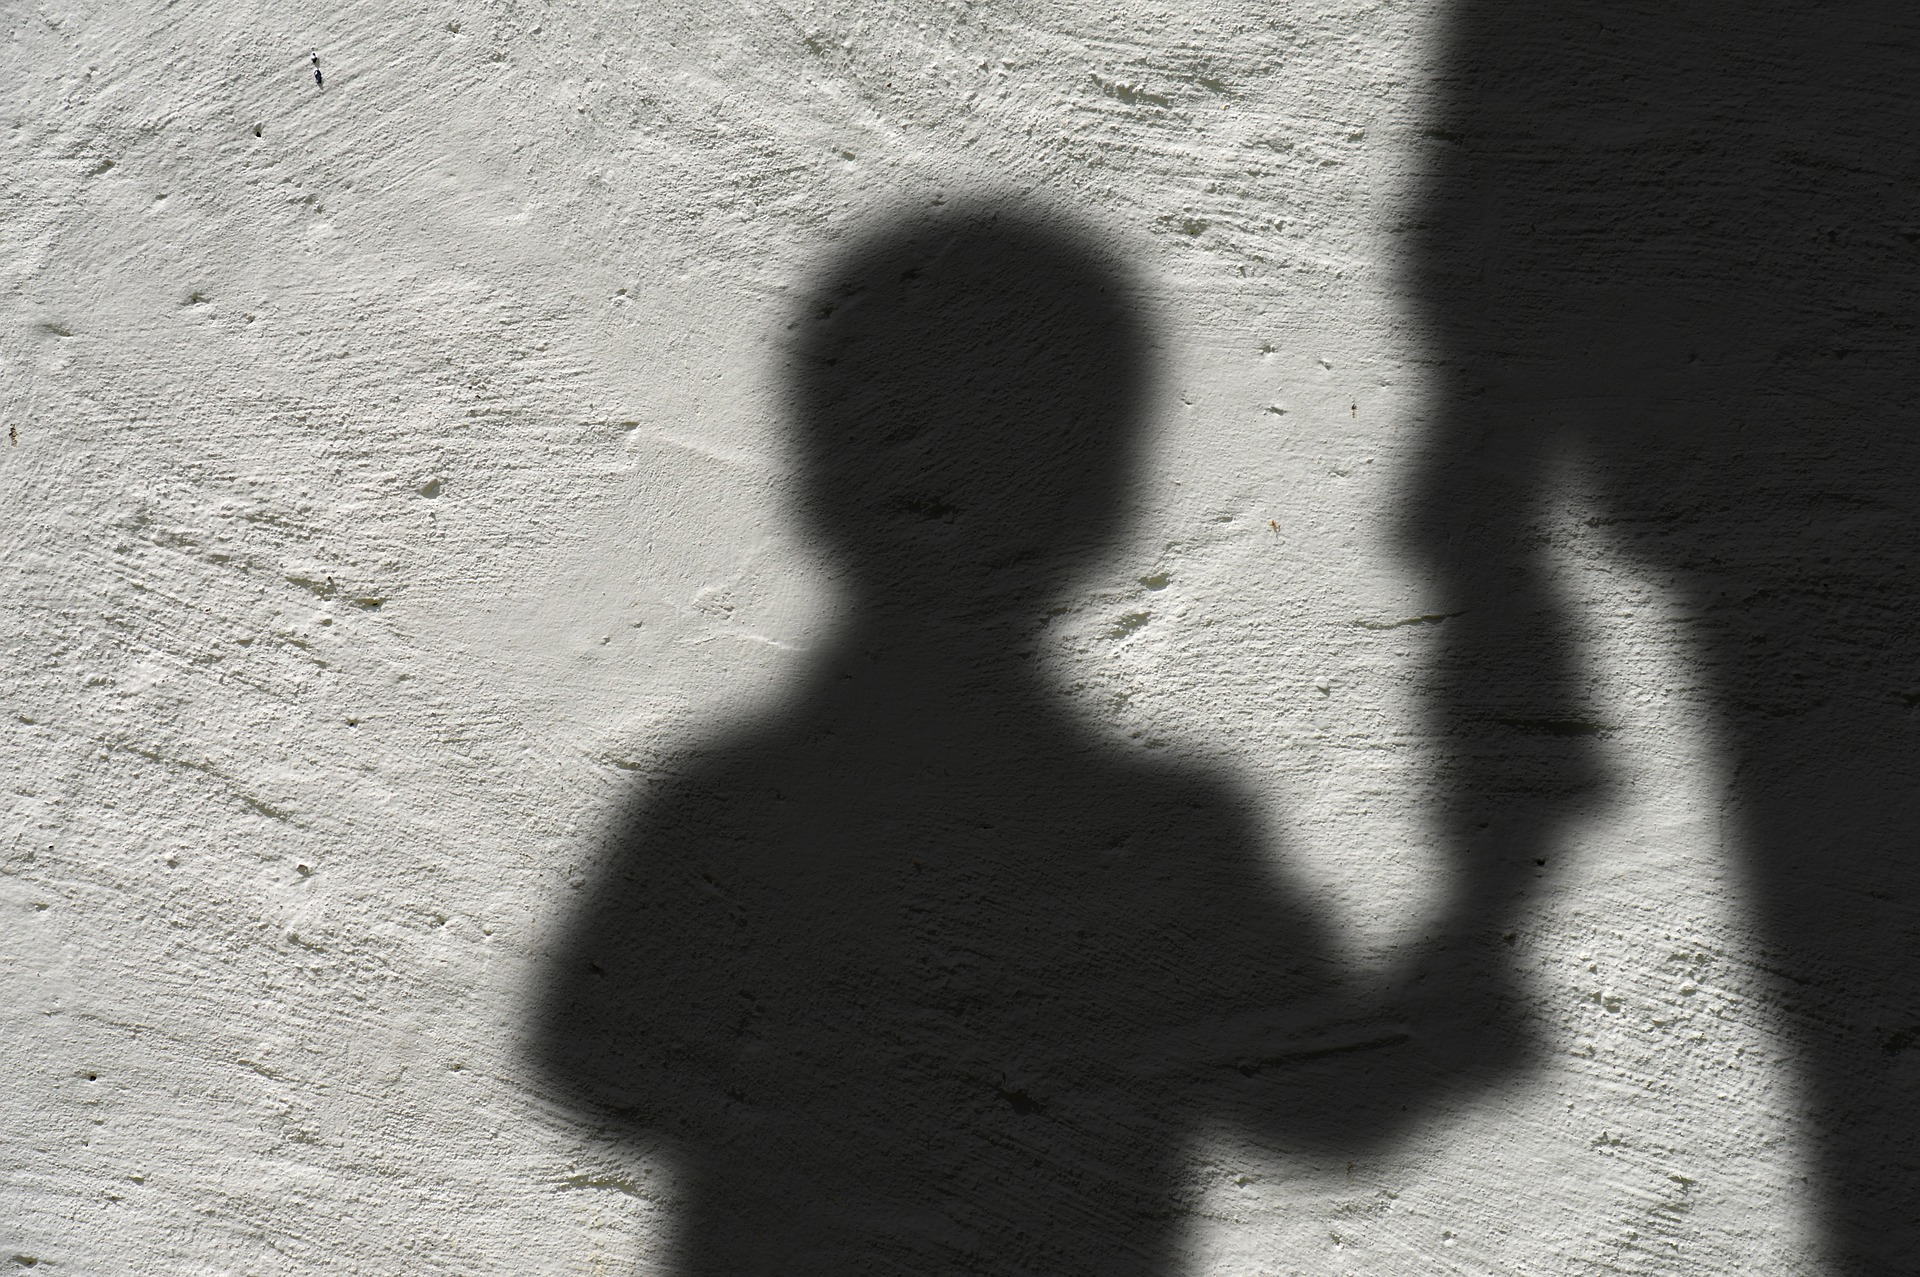 (Ele chegou a tocar as partes íntimas da vítima e tentou estuprá-la, mas criança conseguiu fugir. Foto: Reprodução/Pixabay )